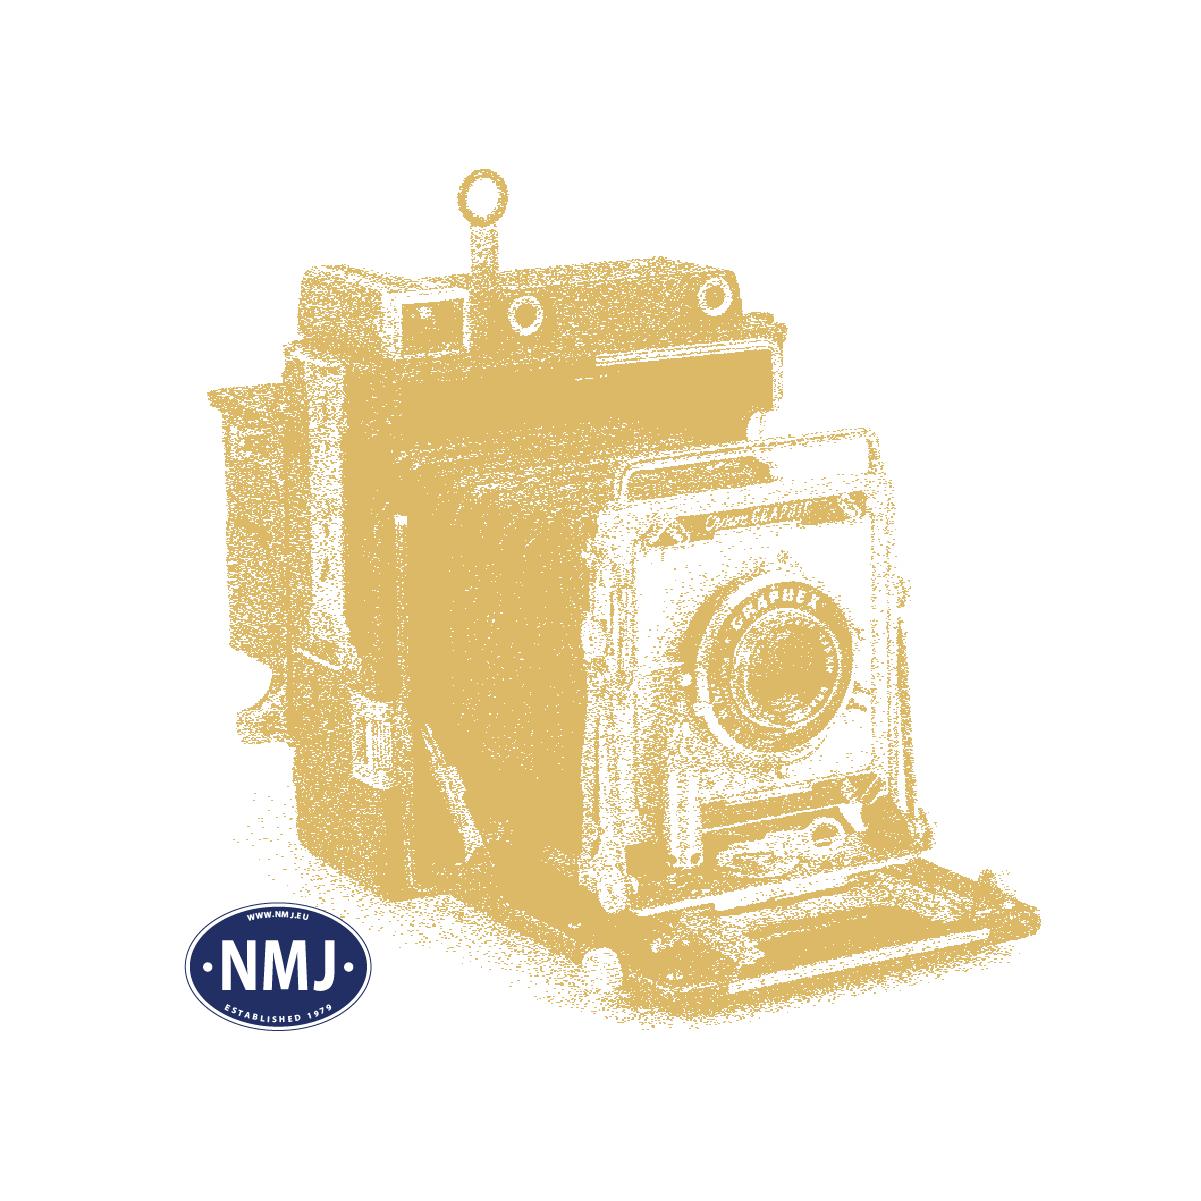 NMJT502.105 - NMJ Topline NSB Stakevogn Kbps m/ tømmerlast